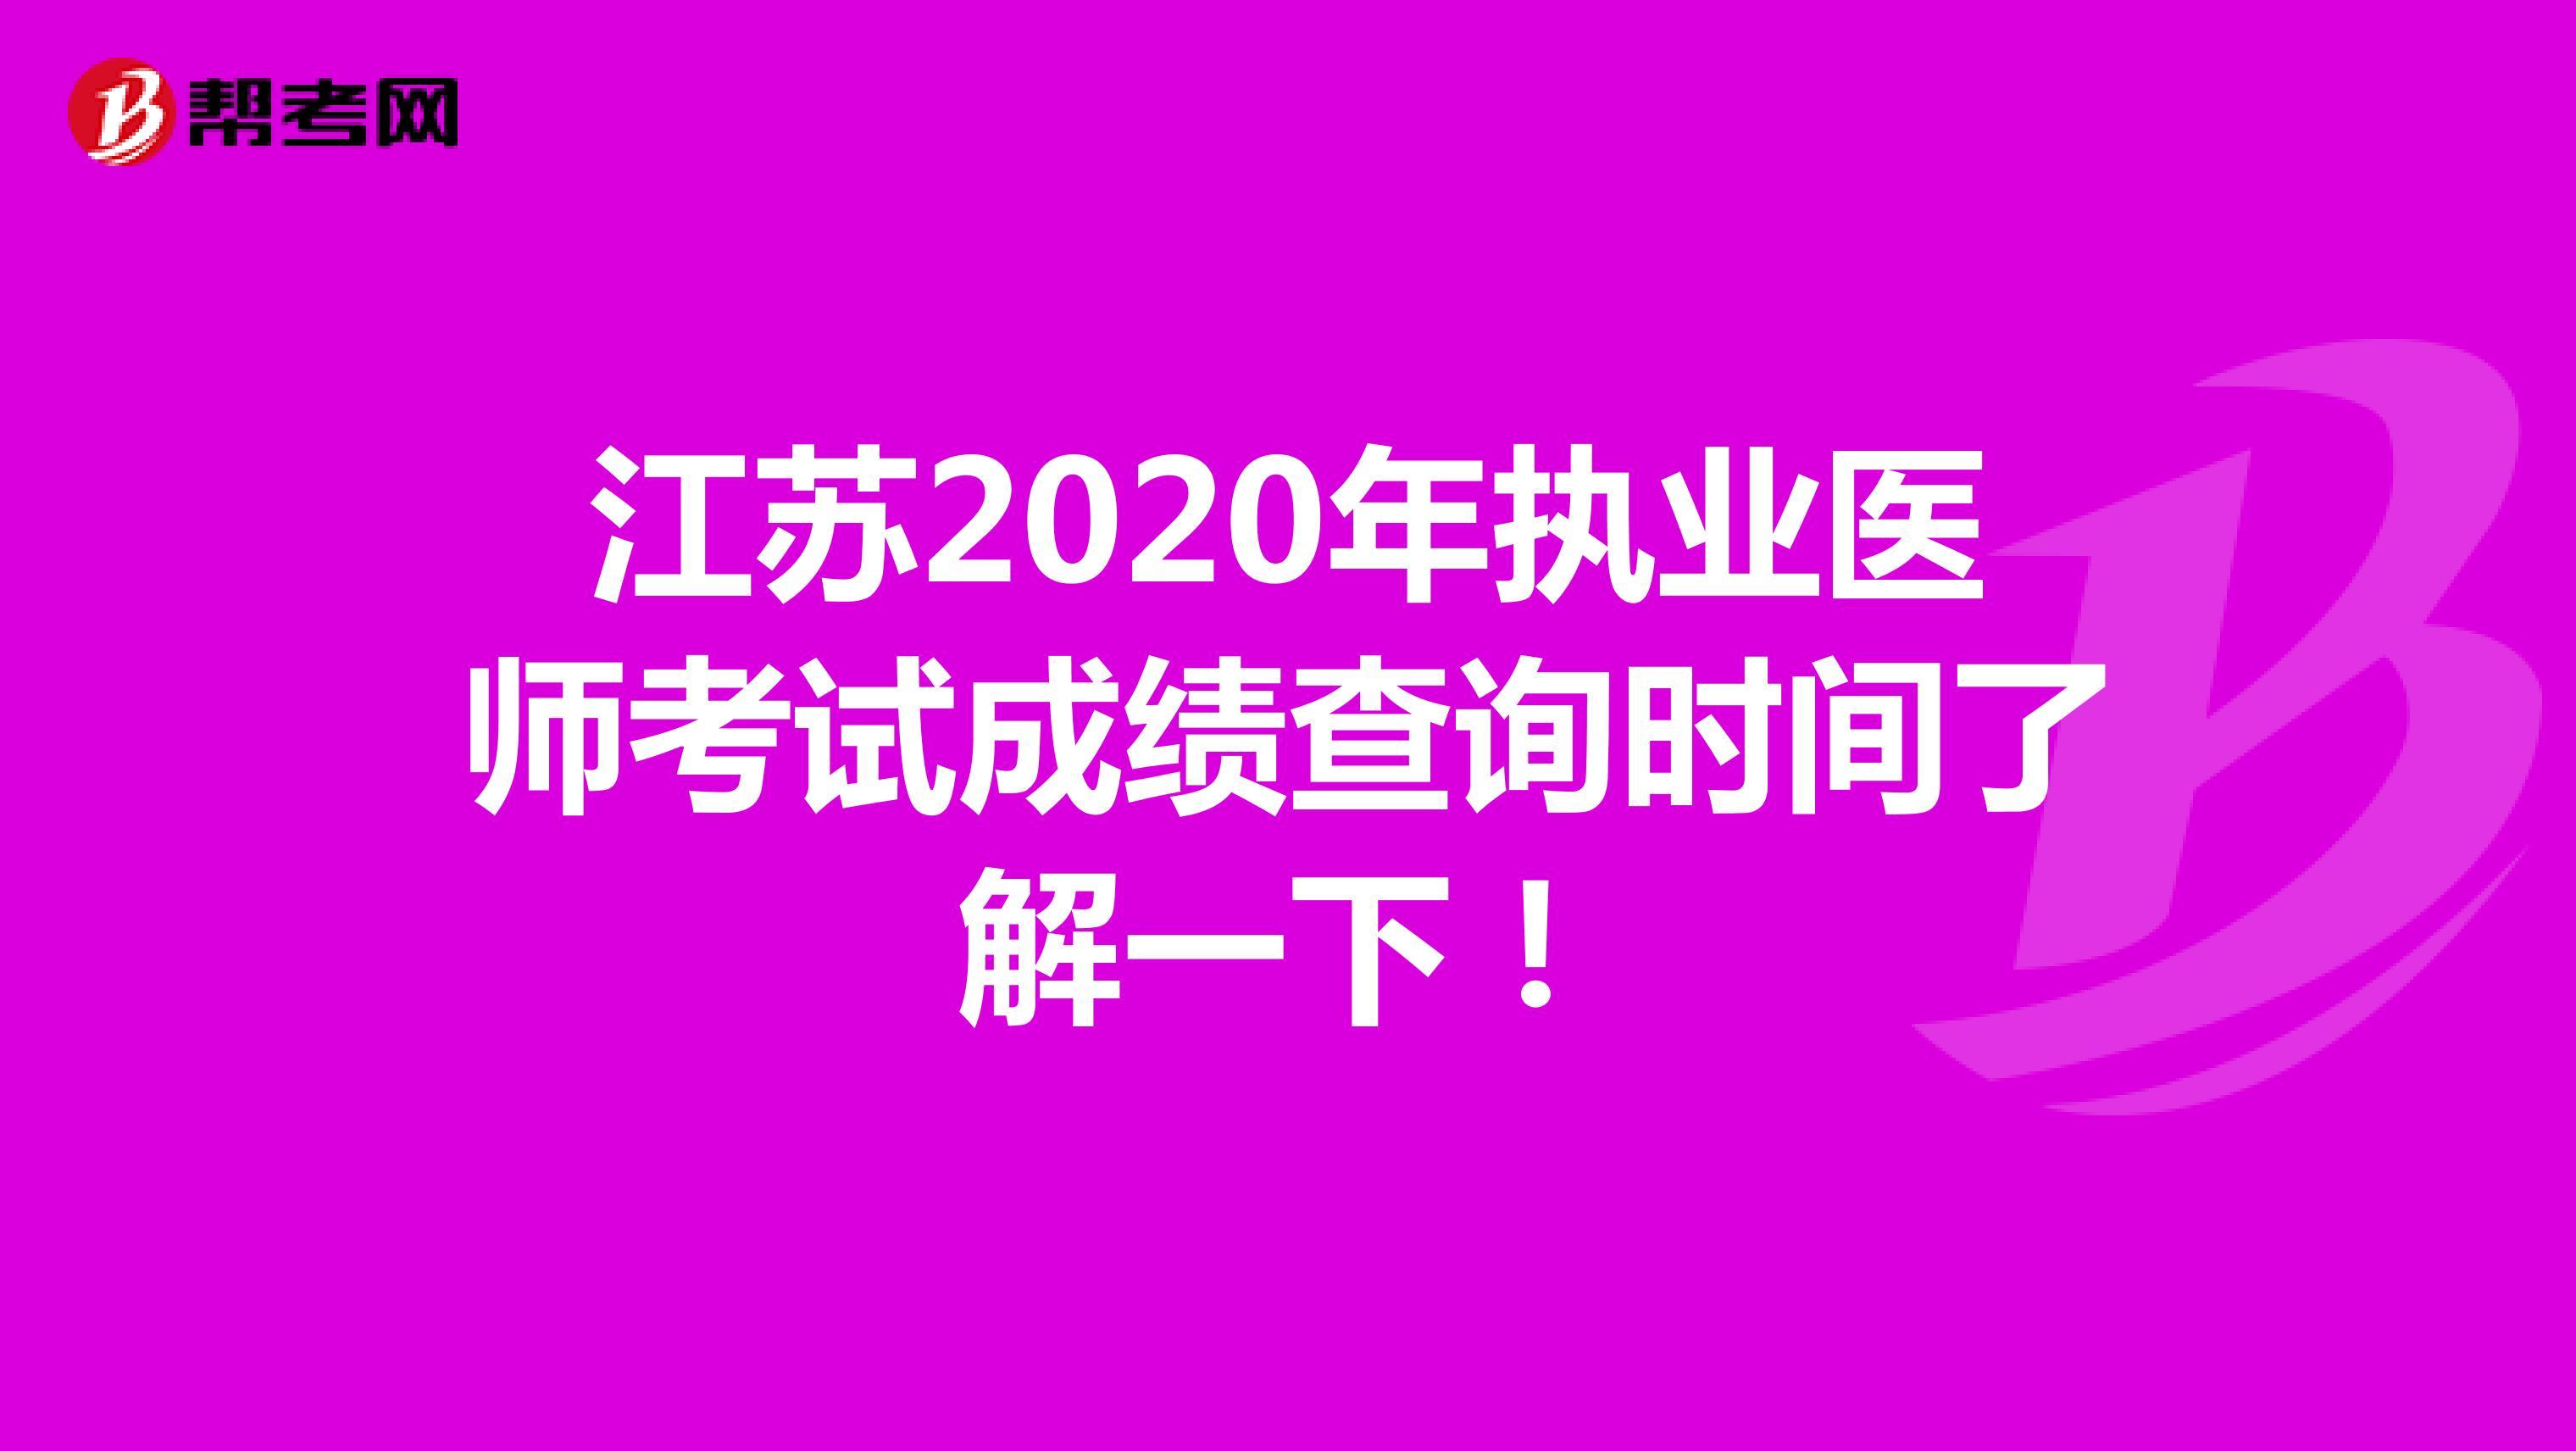 江苏2020年临床执业医师考试成绩查询时间了解一下!